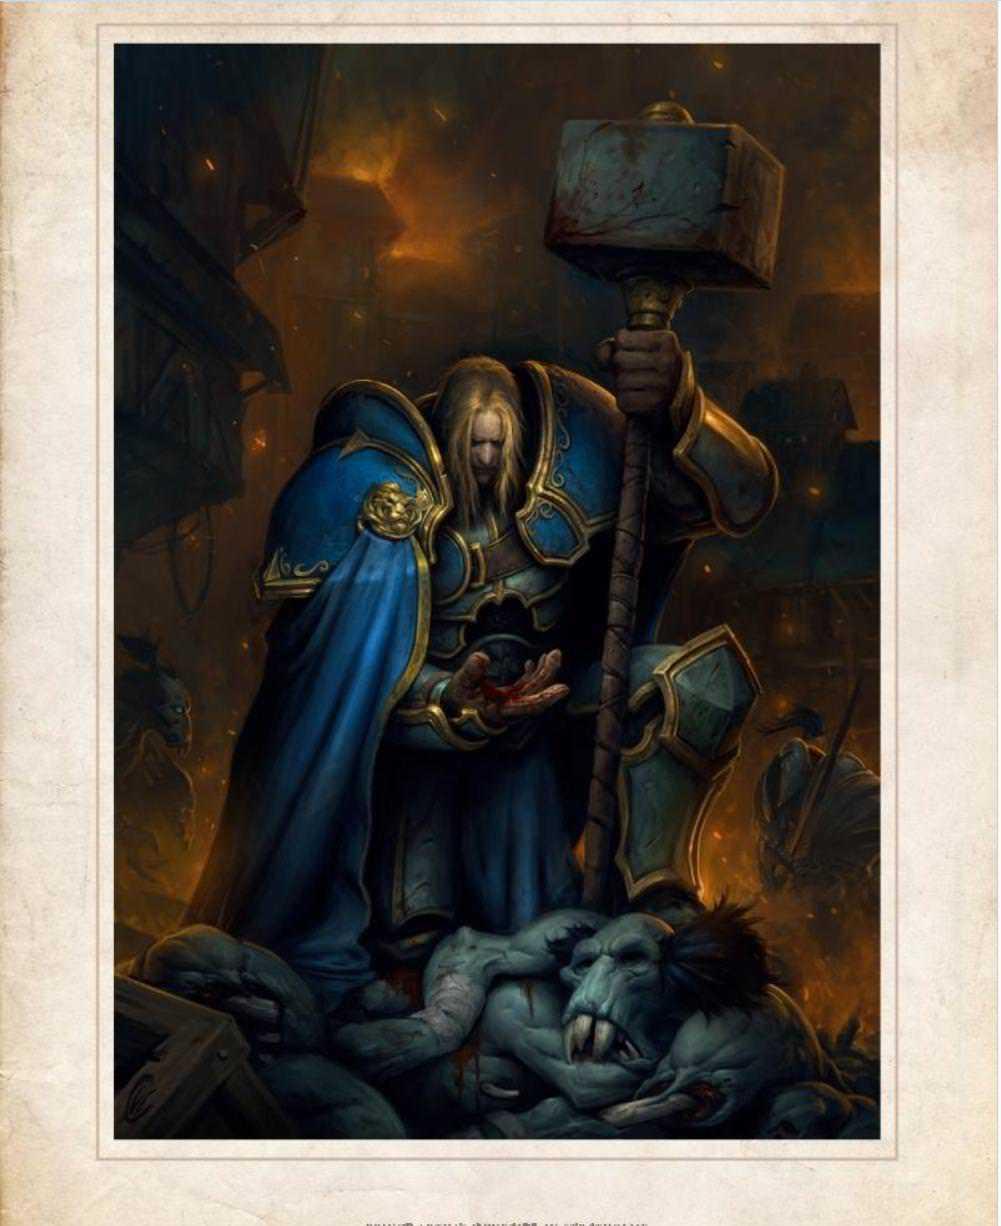 魔兽世界编年史第三部章节预览 阿尔萨斯也要洗白?